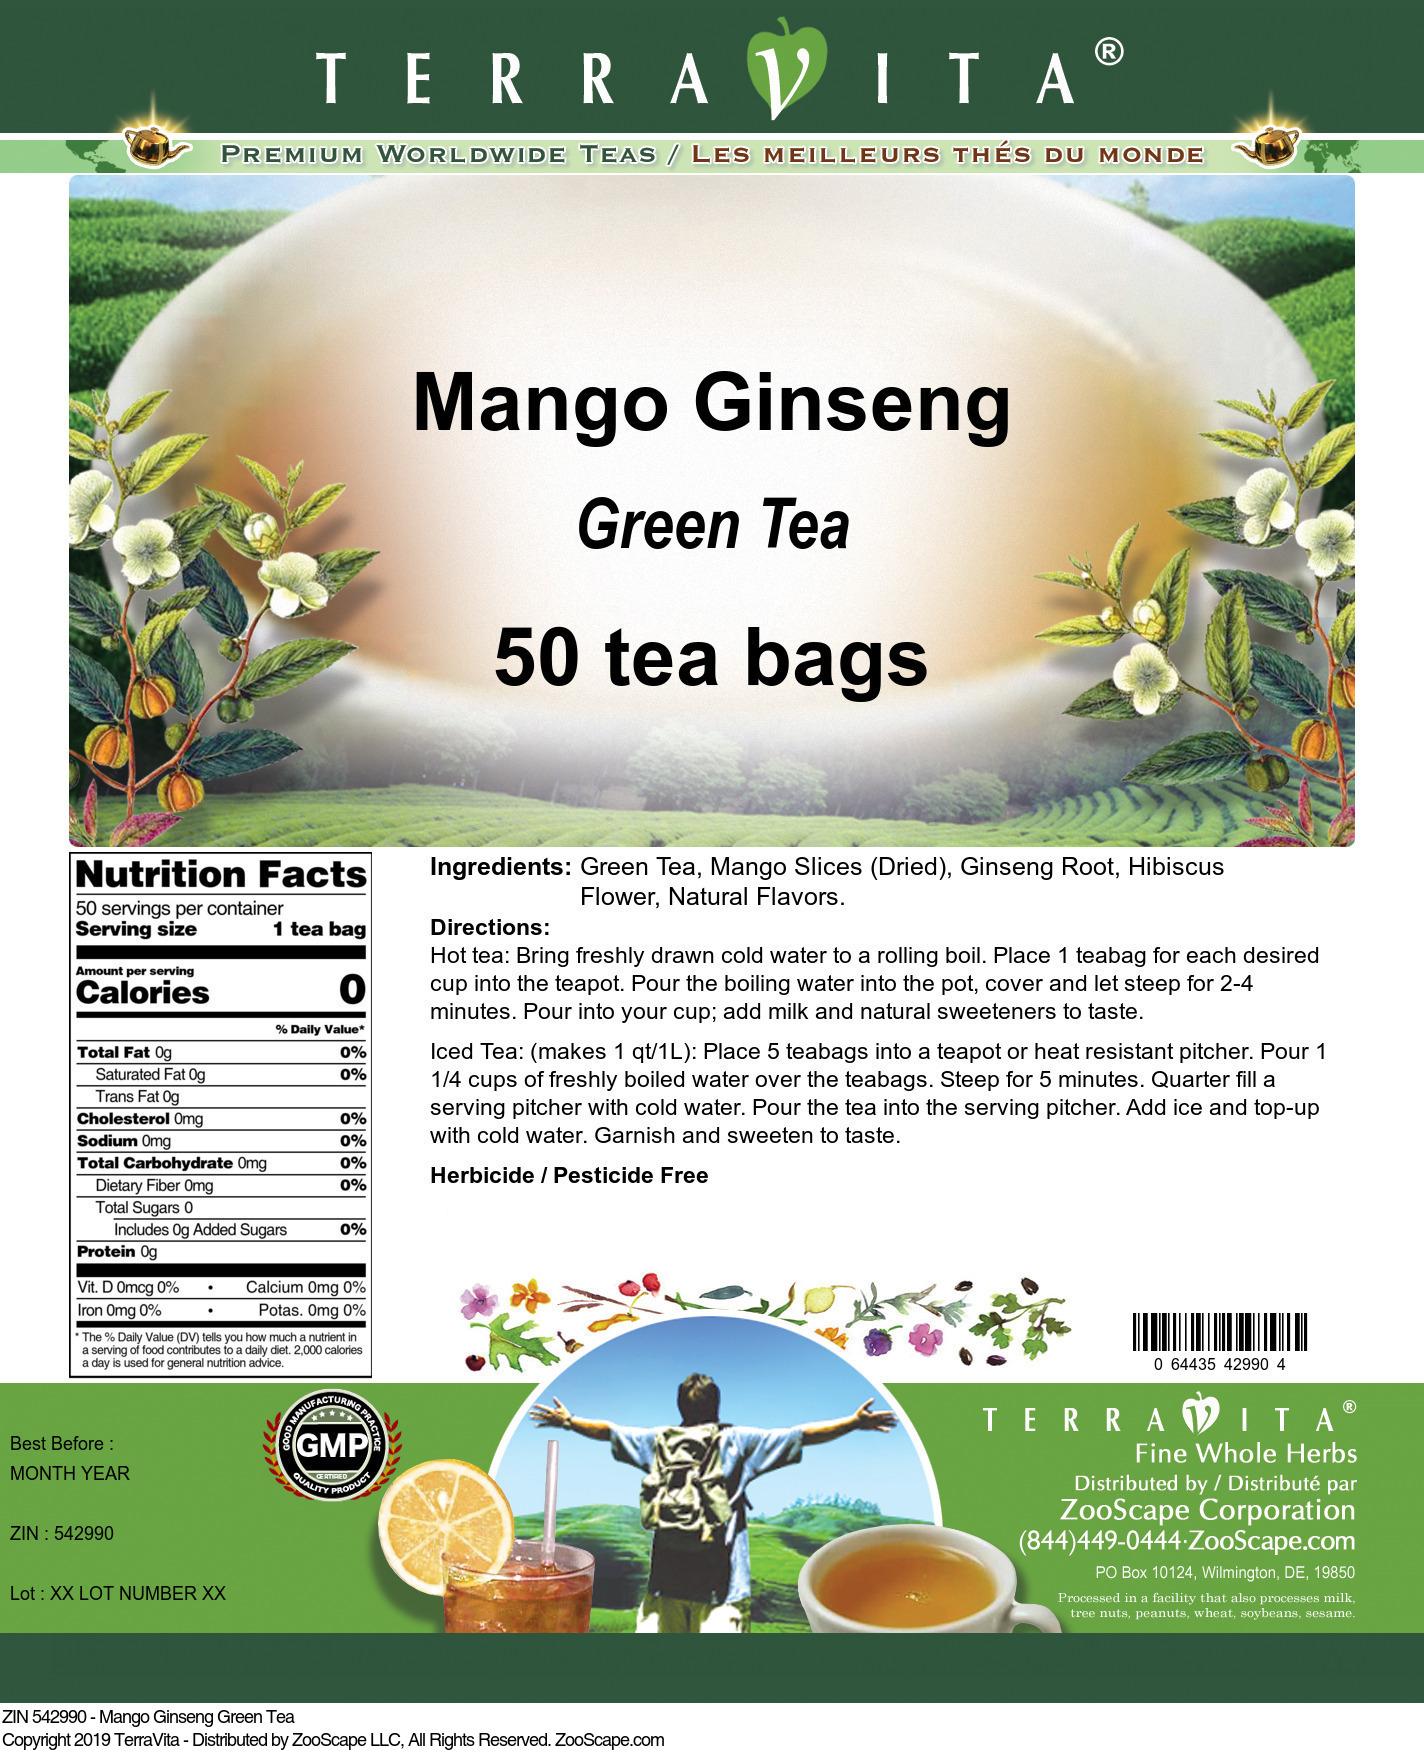 Mango Ginseng Green Tea